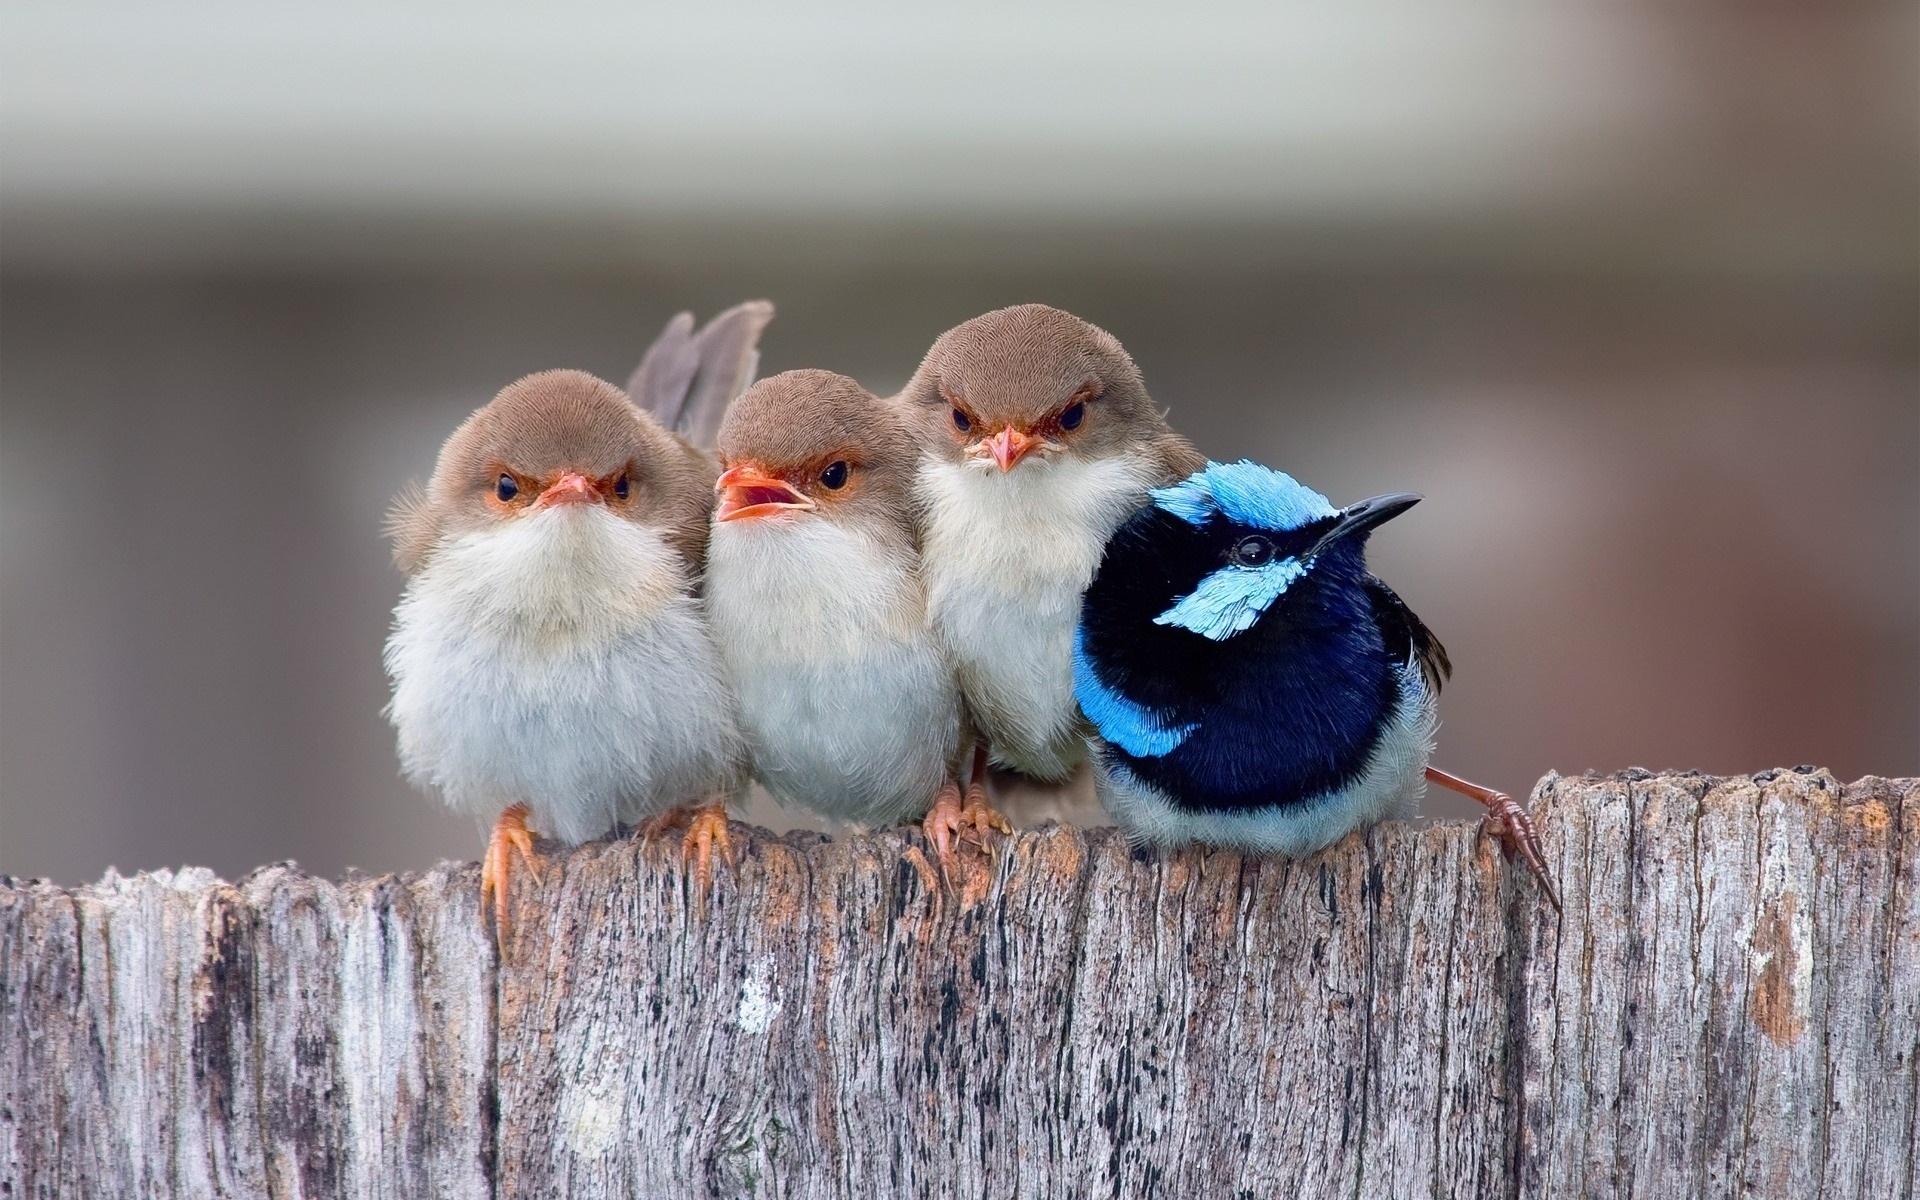 прикольные картинки с птицами пассаж крупное